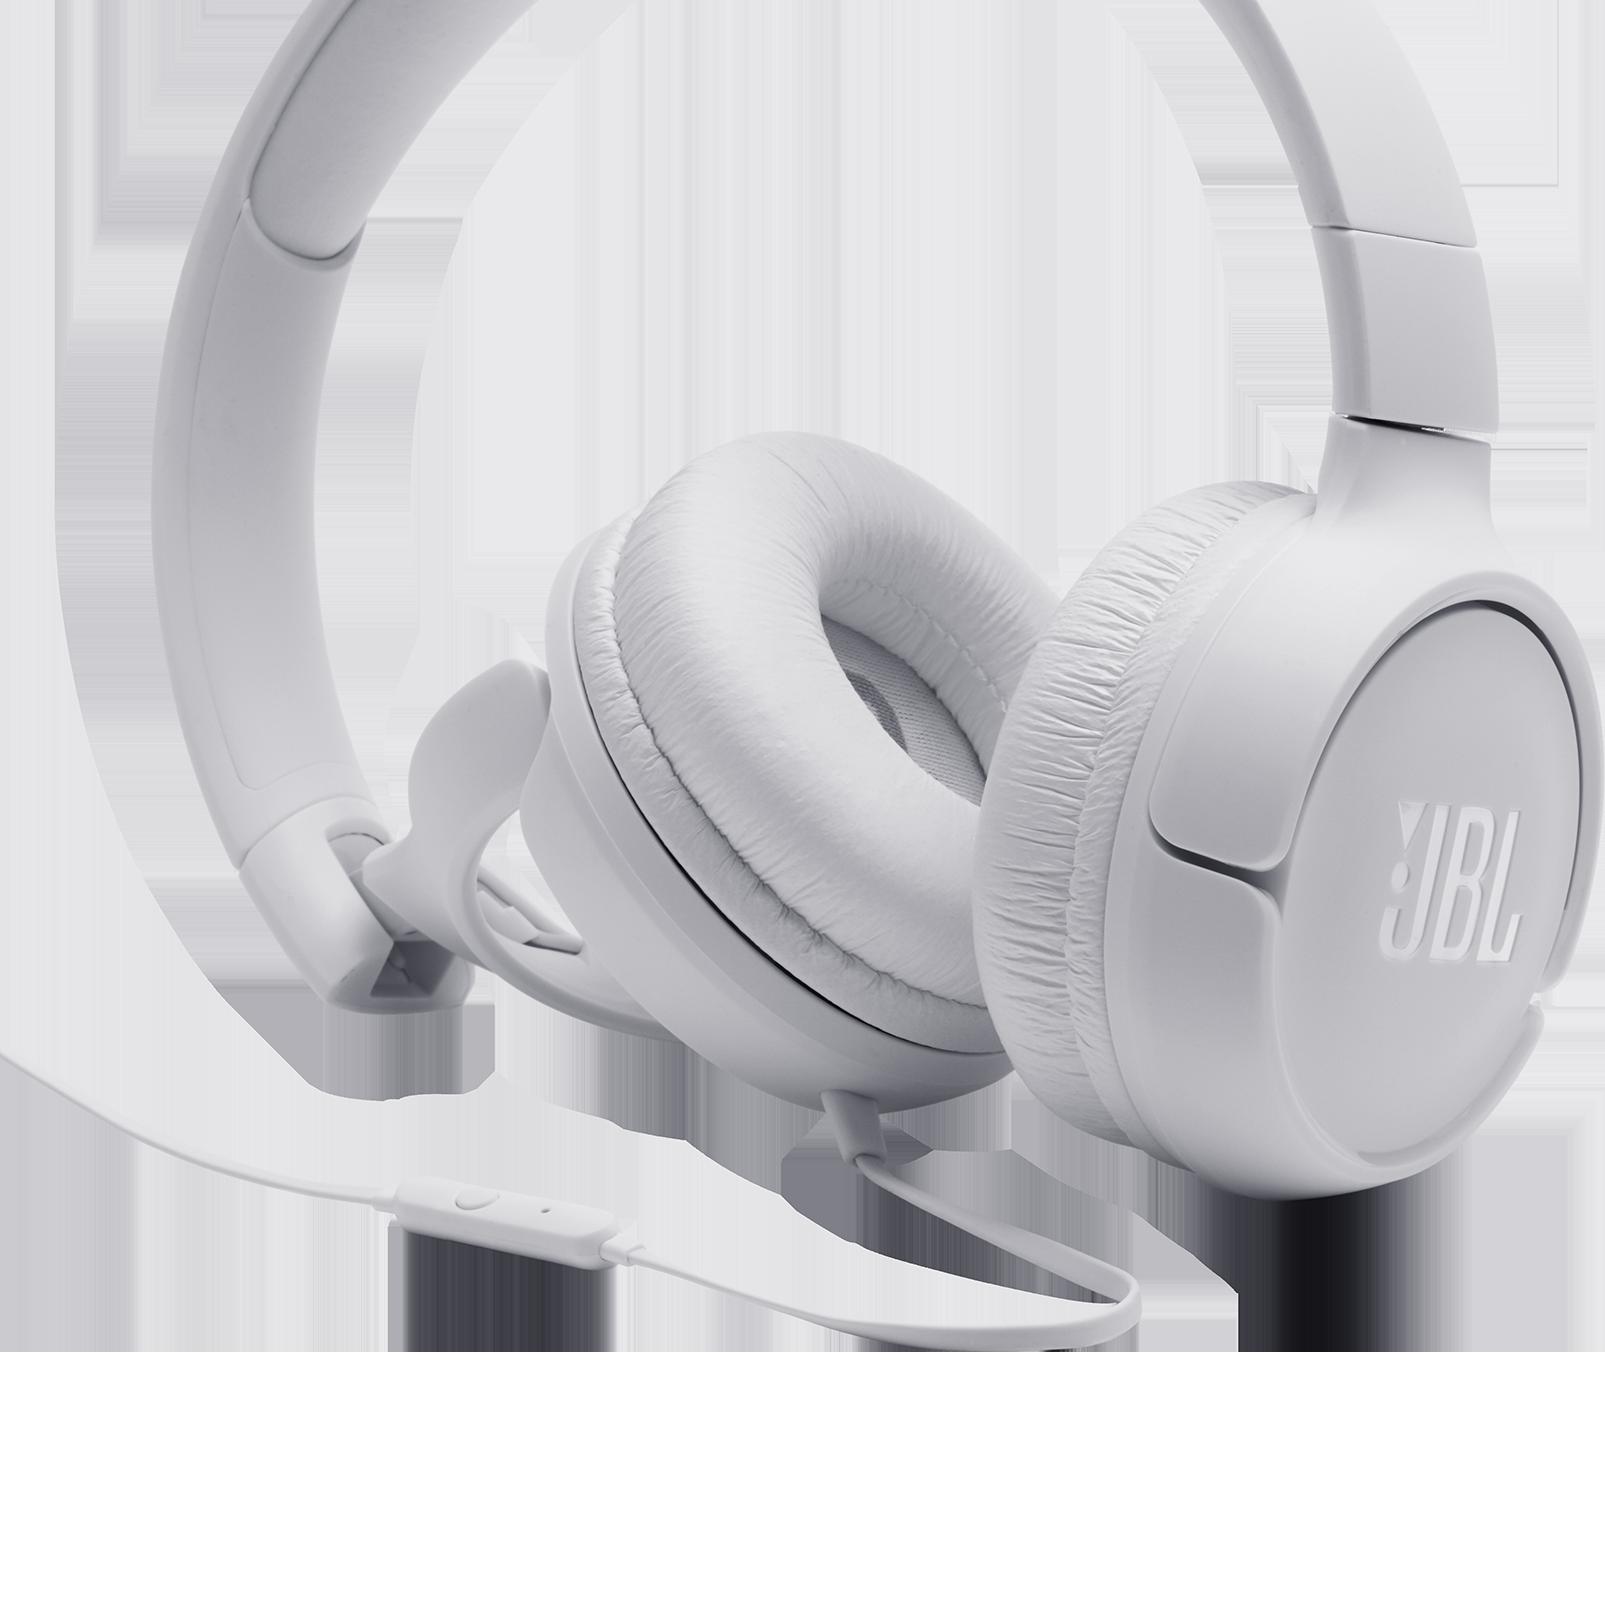 e4c67f1e2fa JBL TUNE 500 | Wired on-ear headphones